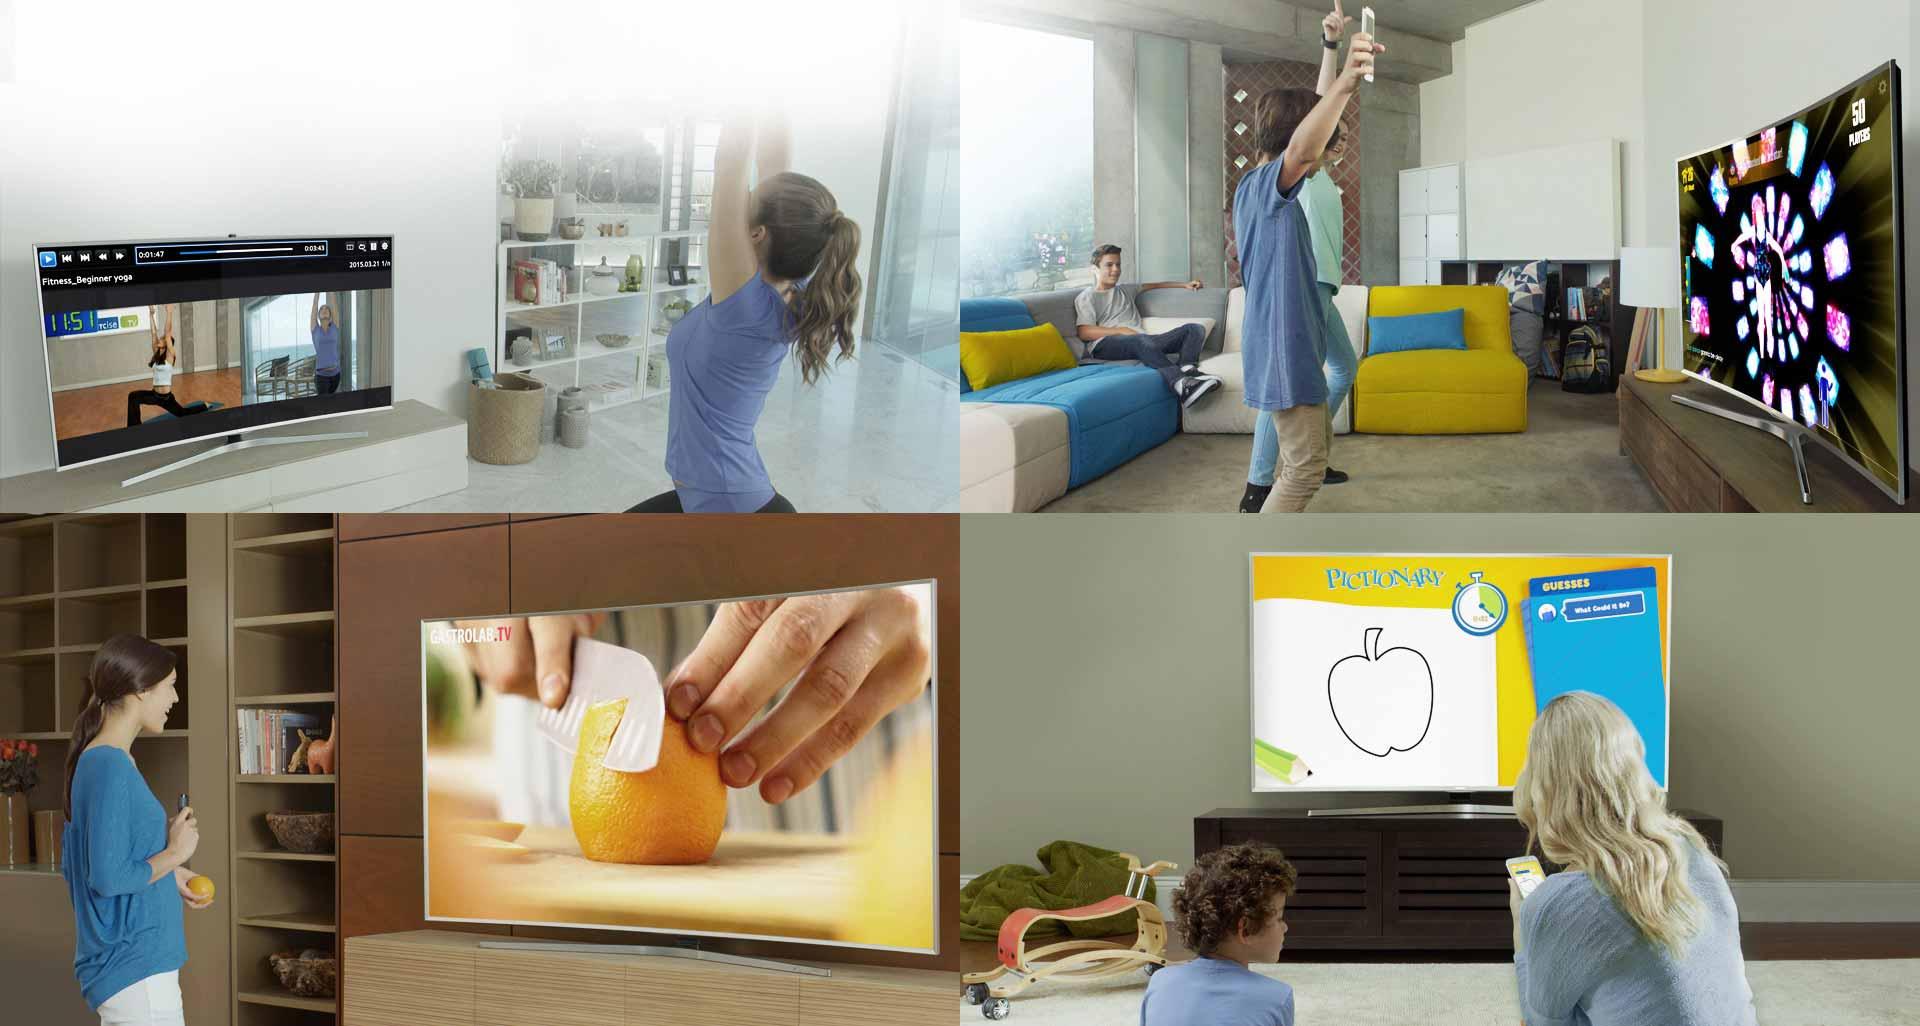 تلویزیون ال ای دی 55 اینچ سری 8 نانو کریستال اسمارت سامسونگ